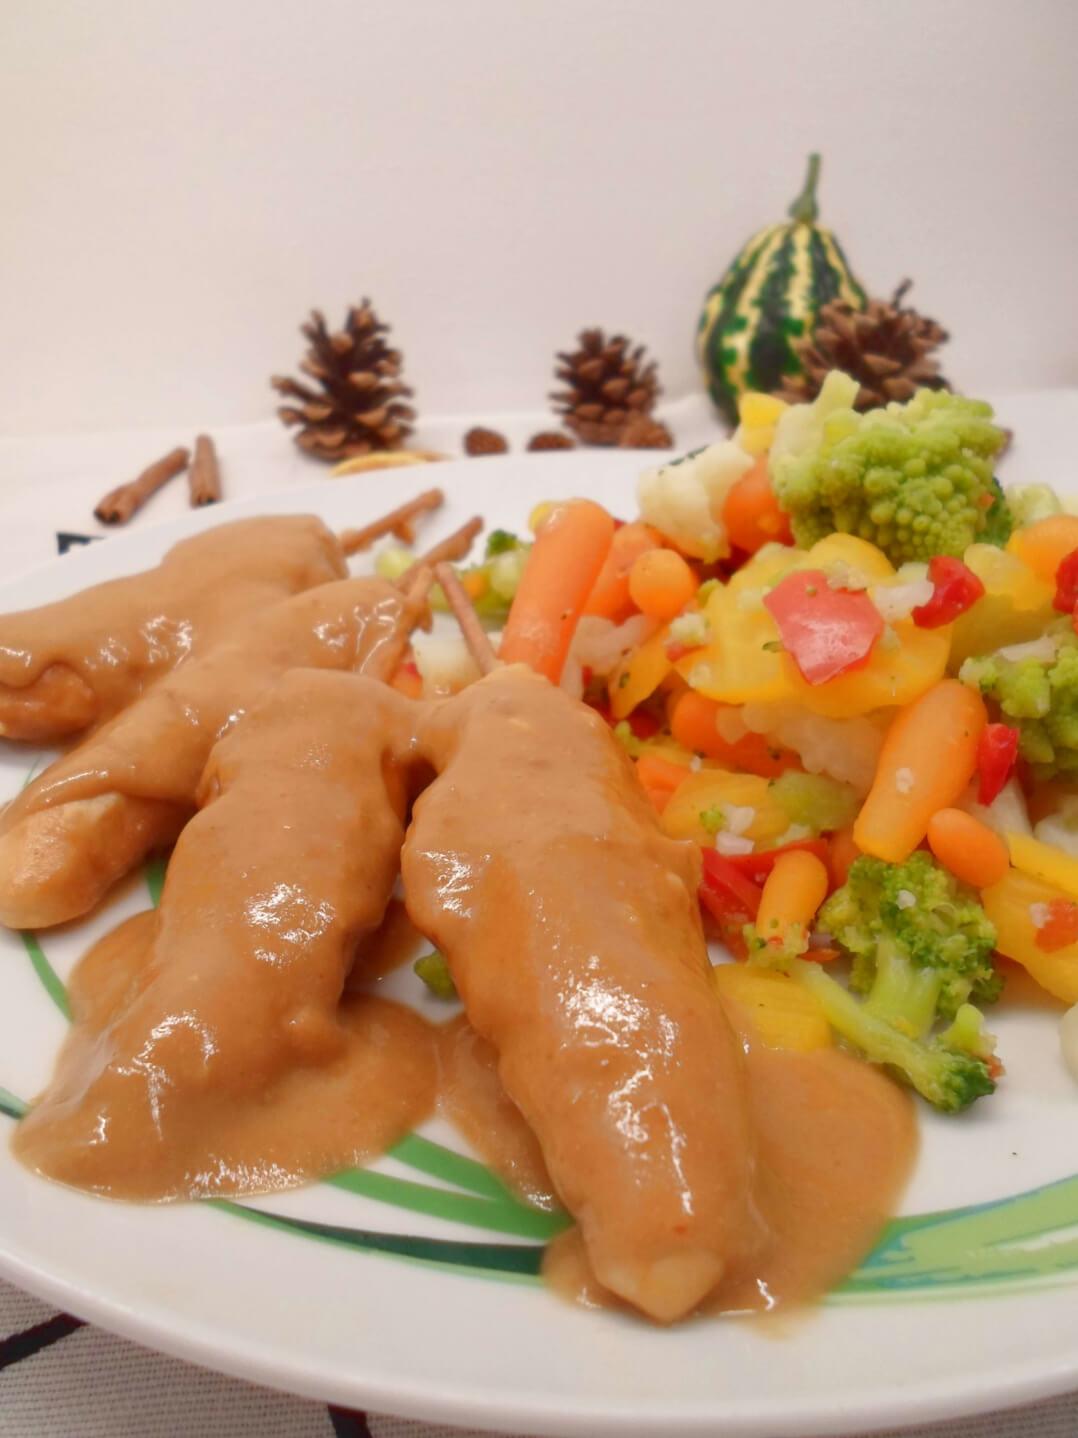 Hähnchenspieße in Erdnusssauce mit Gemüse